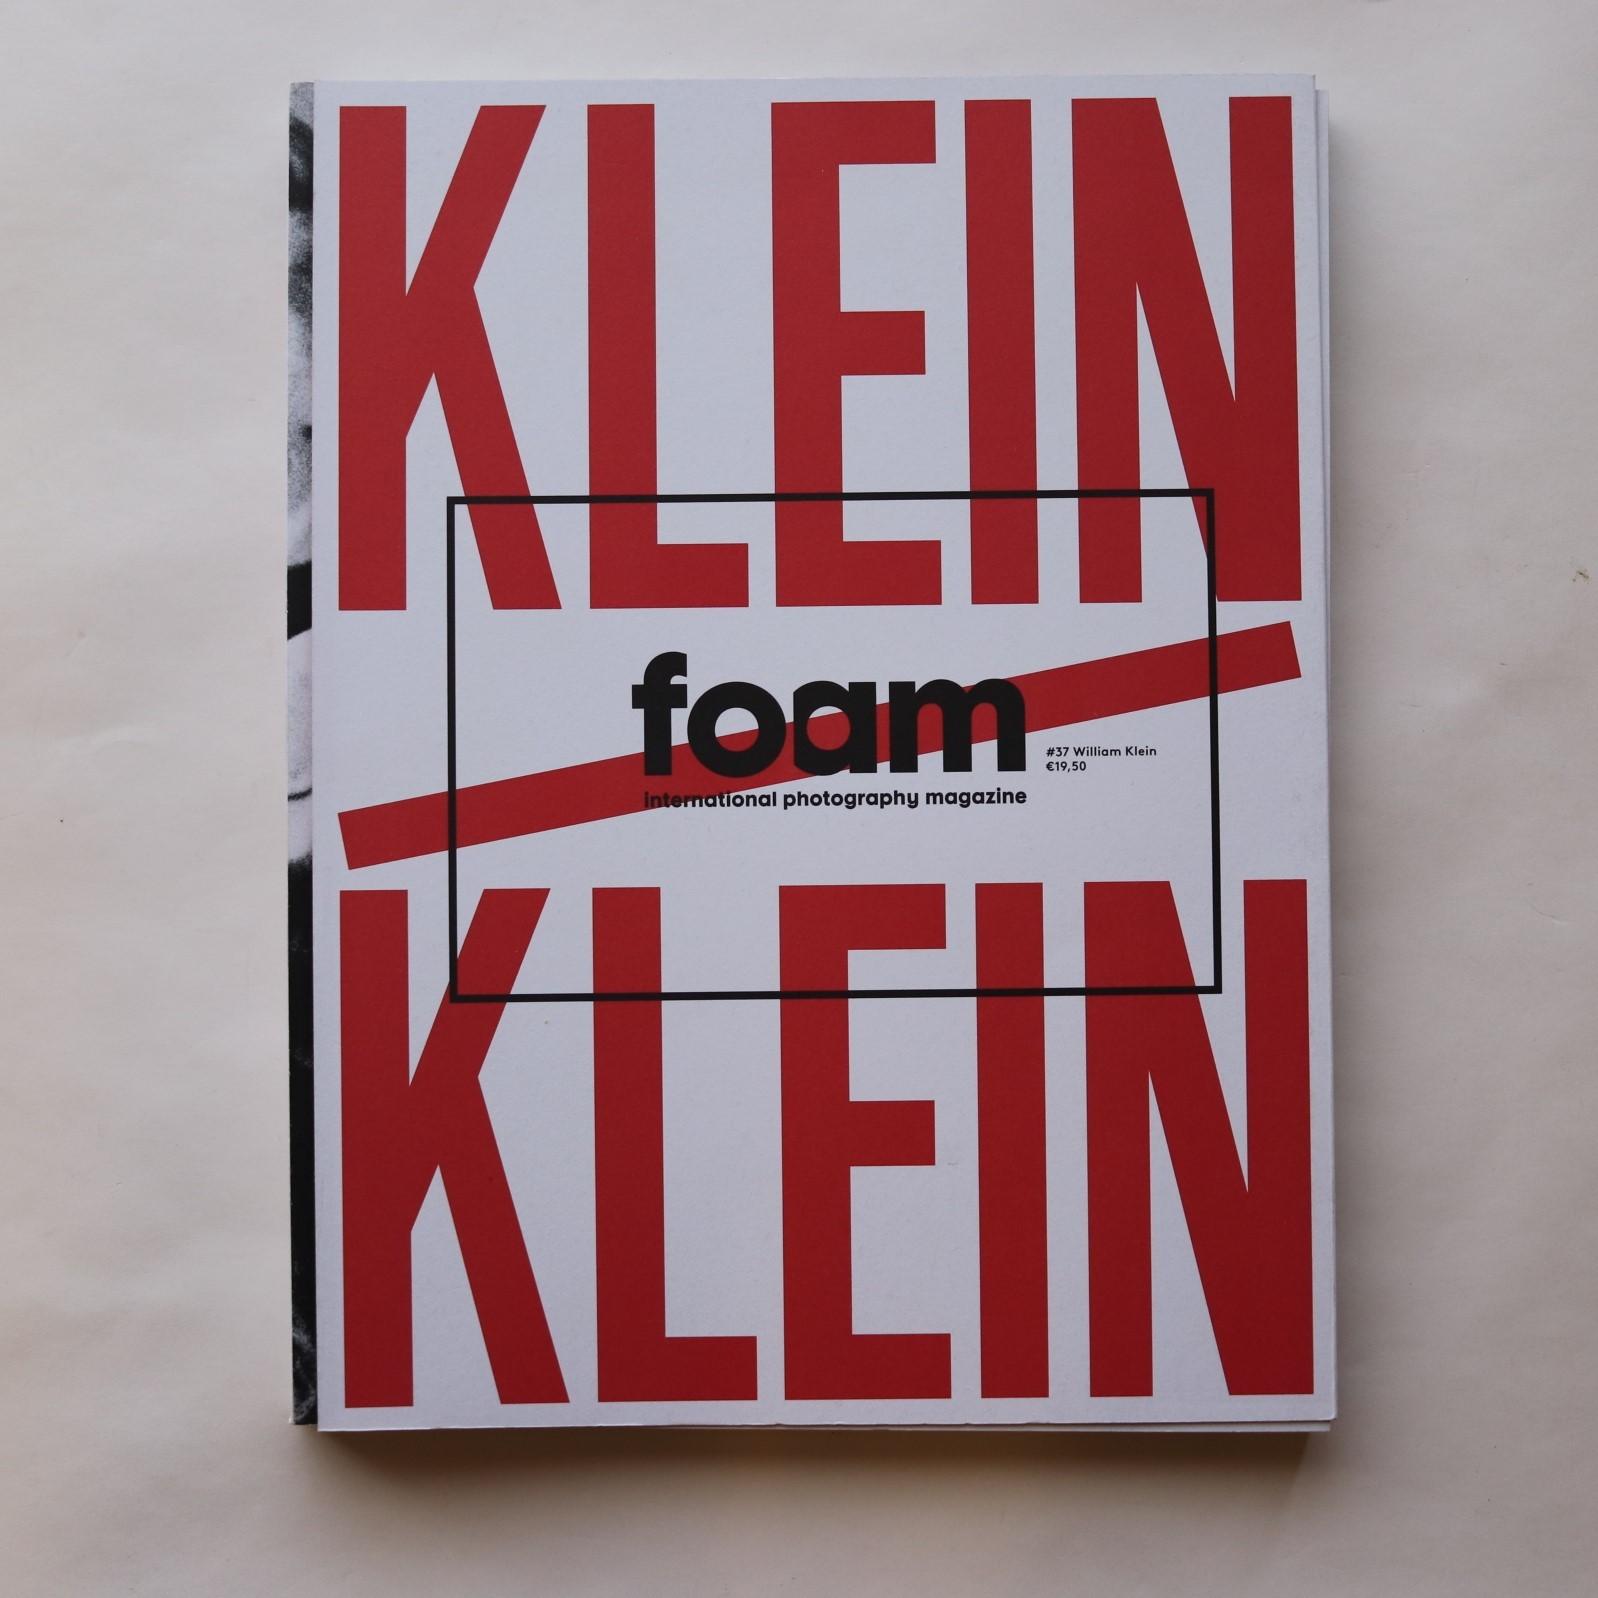 Foam #37 William Klein  /  ウイリアム・クライン William Klein